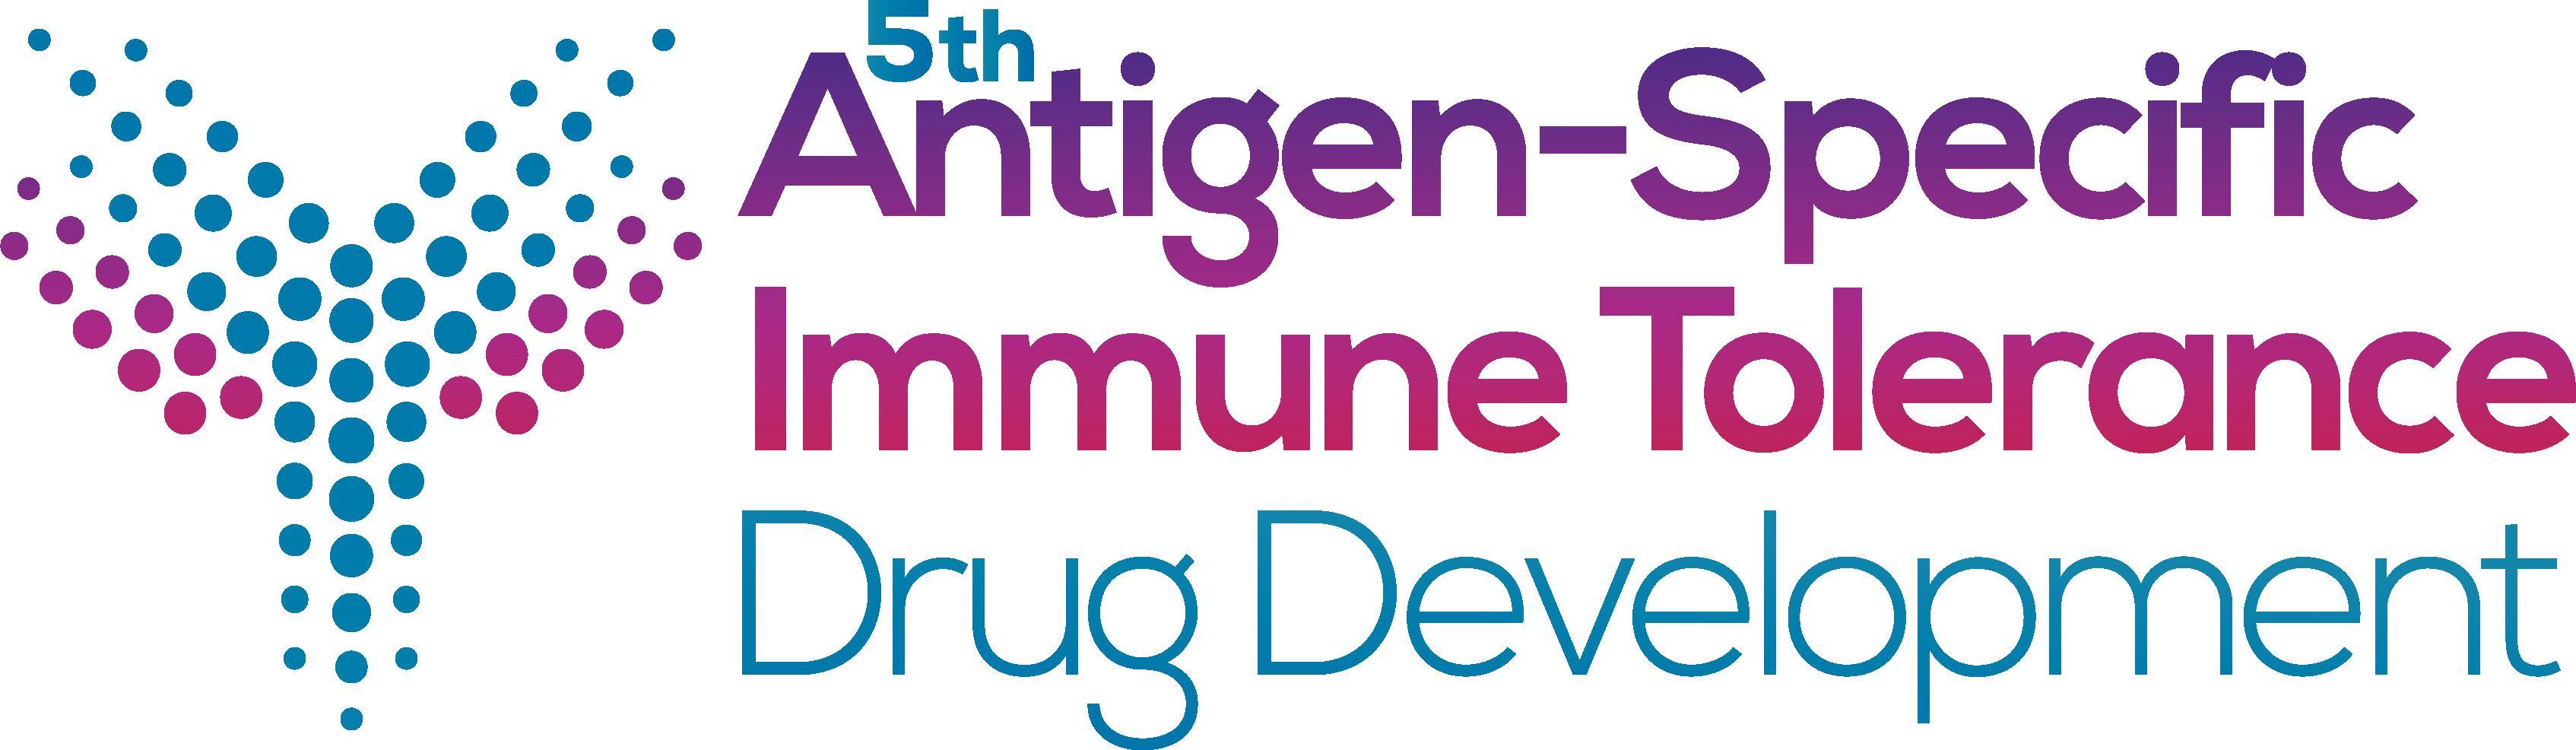 5th Antigen Specific Immune Tolerance Summit logo